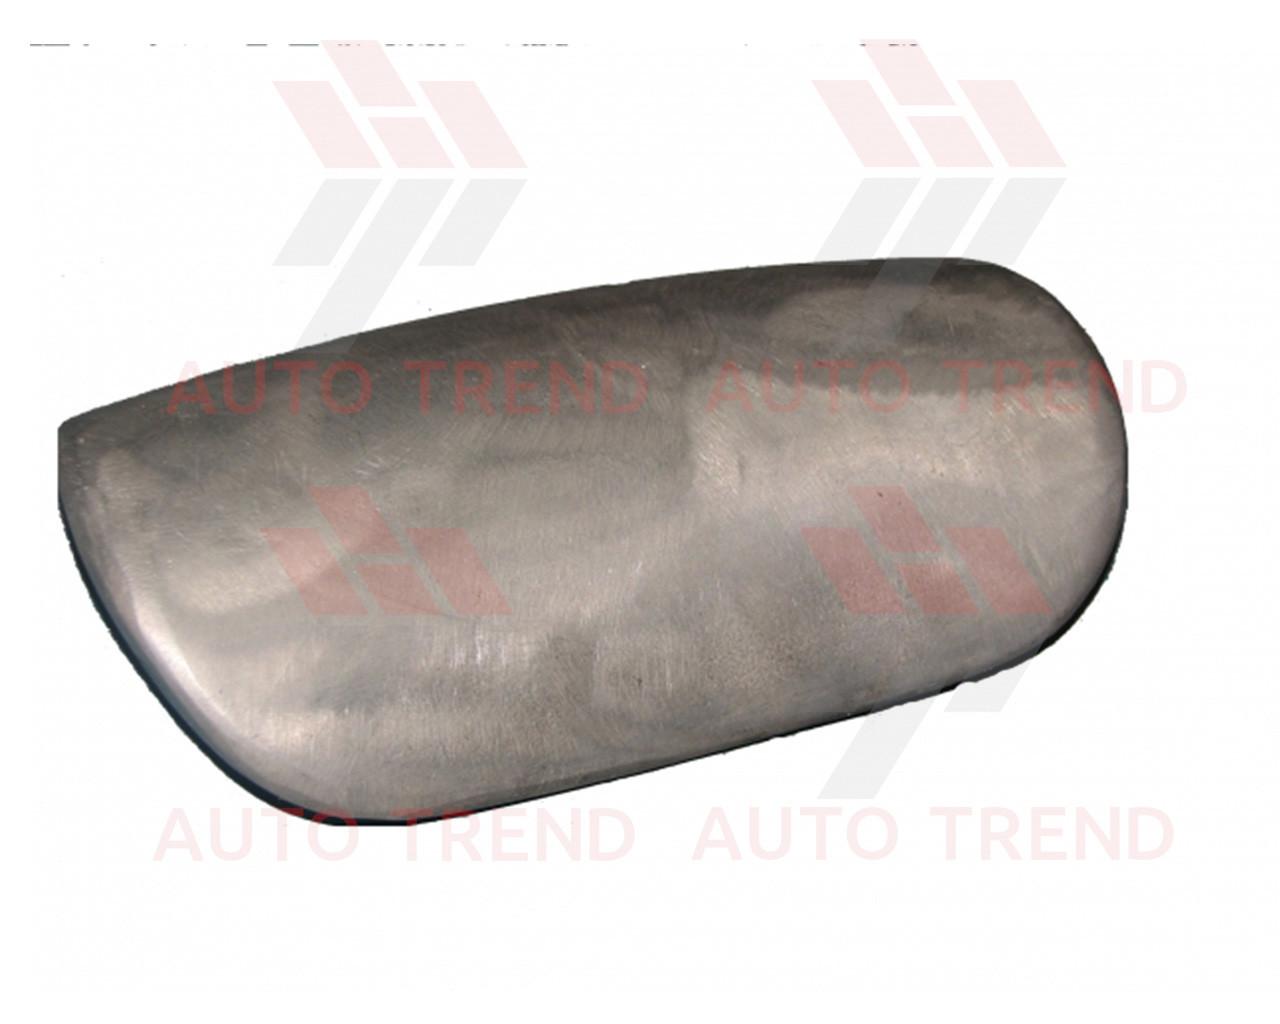 Плита профильная для ремонта шин, ложемент 115х130мм, внутренняя универсальная, плечо, боковина